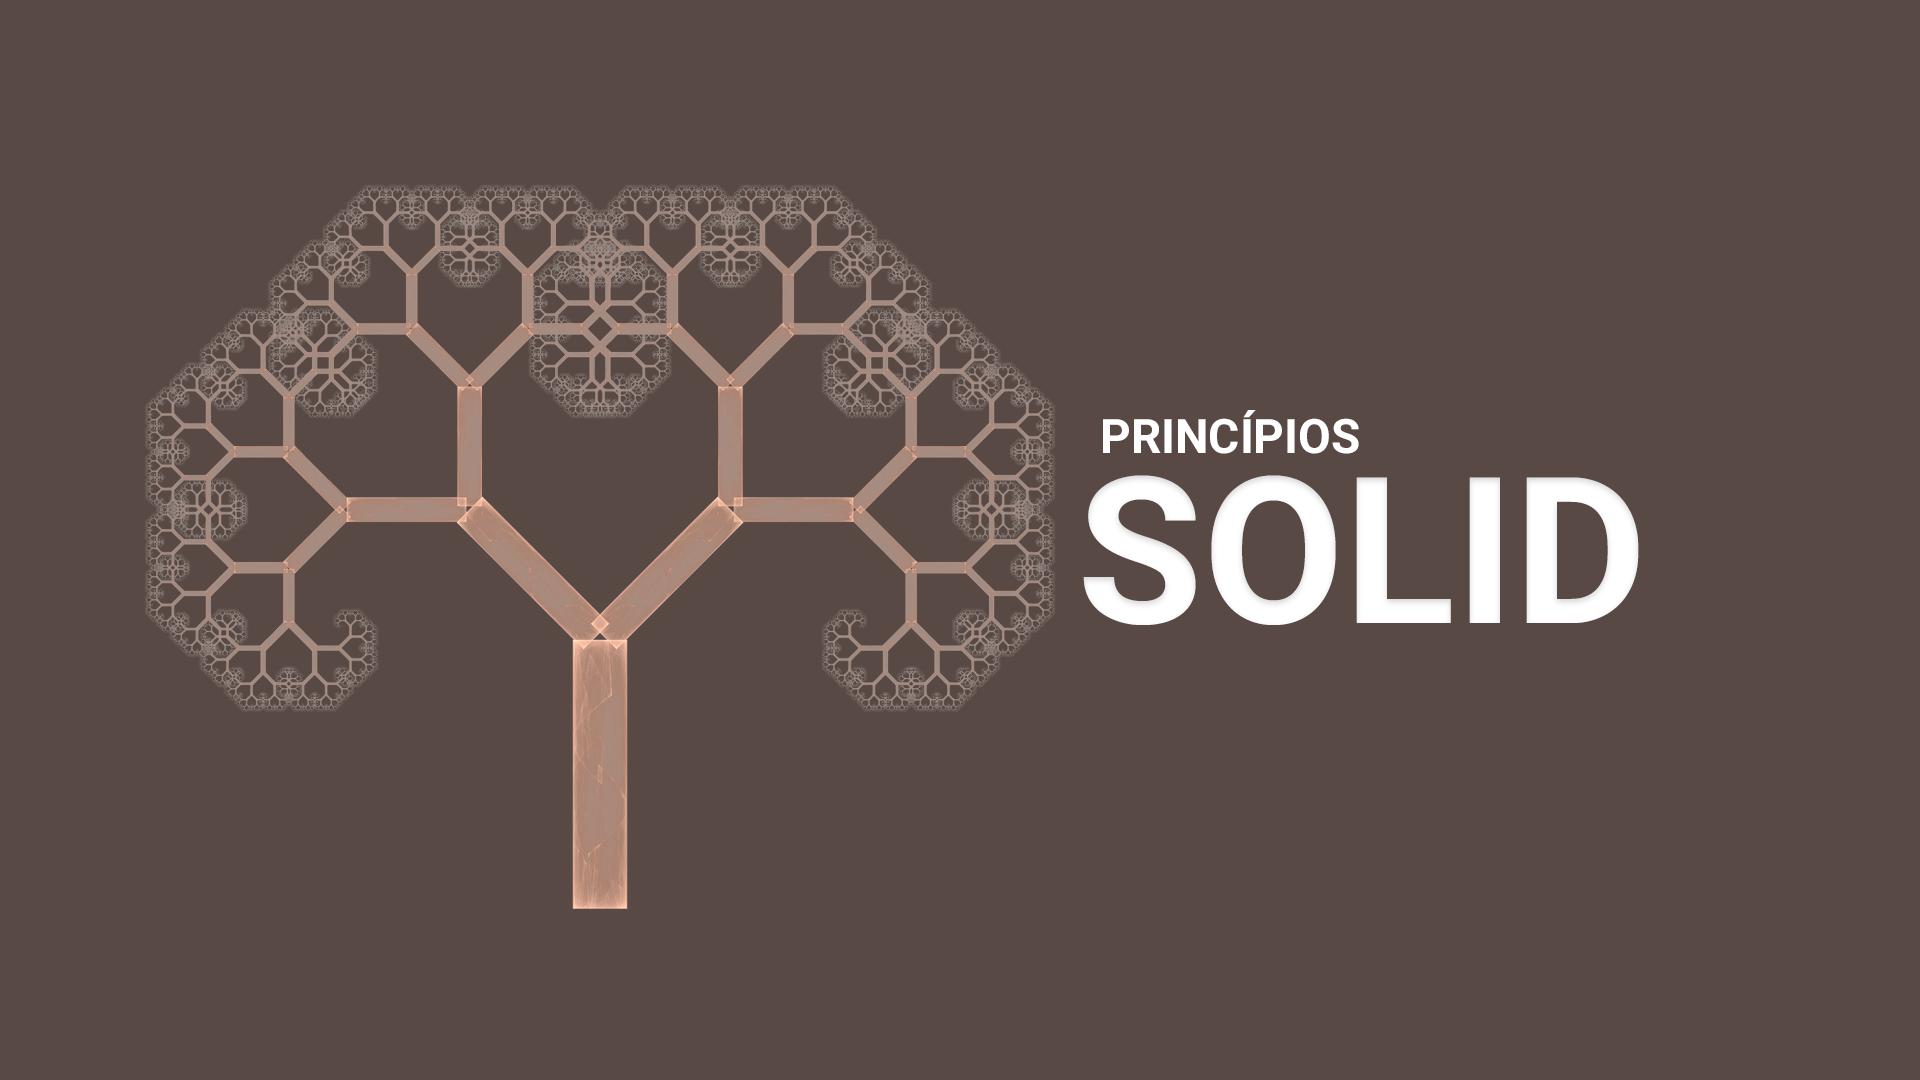 Introdução aos princípios SOLID